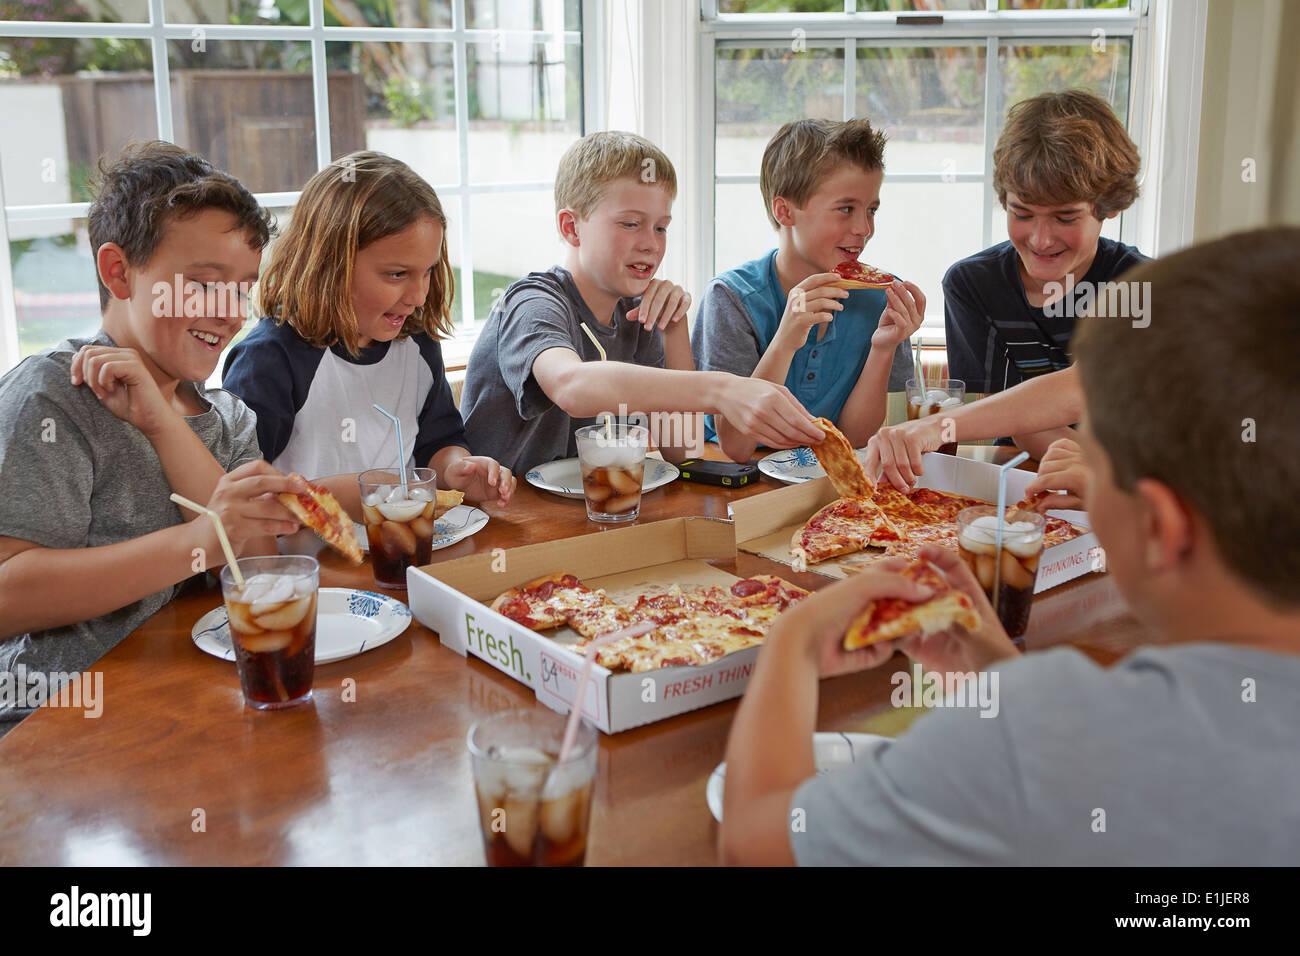 Groupe de garçons pizza partage Photo Stock